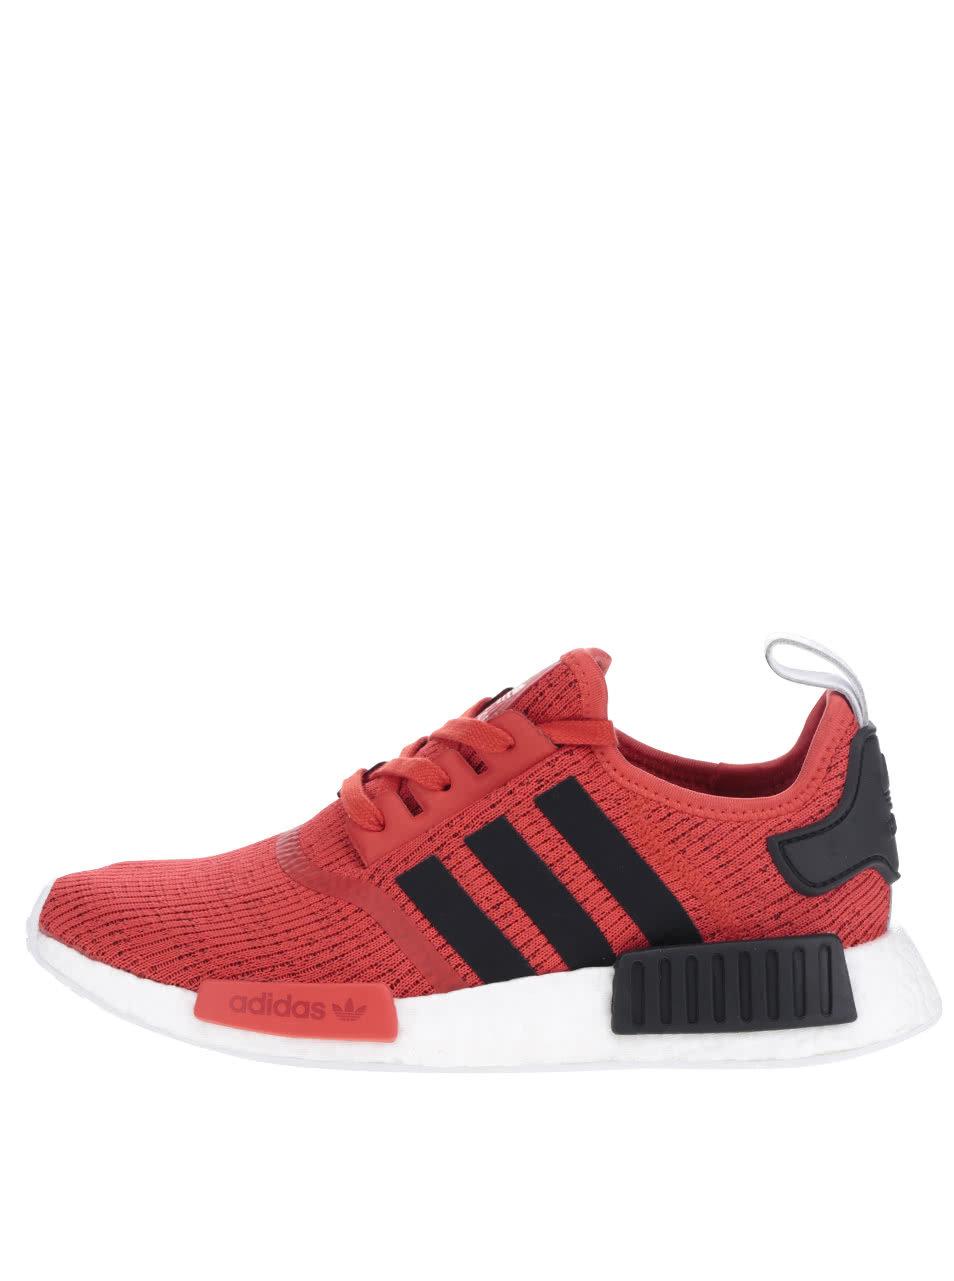 Černo-červené pánské tenisky adidas Originals NMD ... 2e702b93d8a